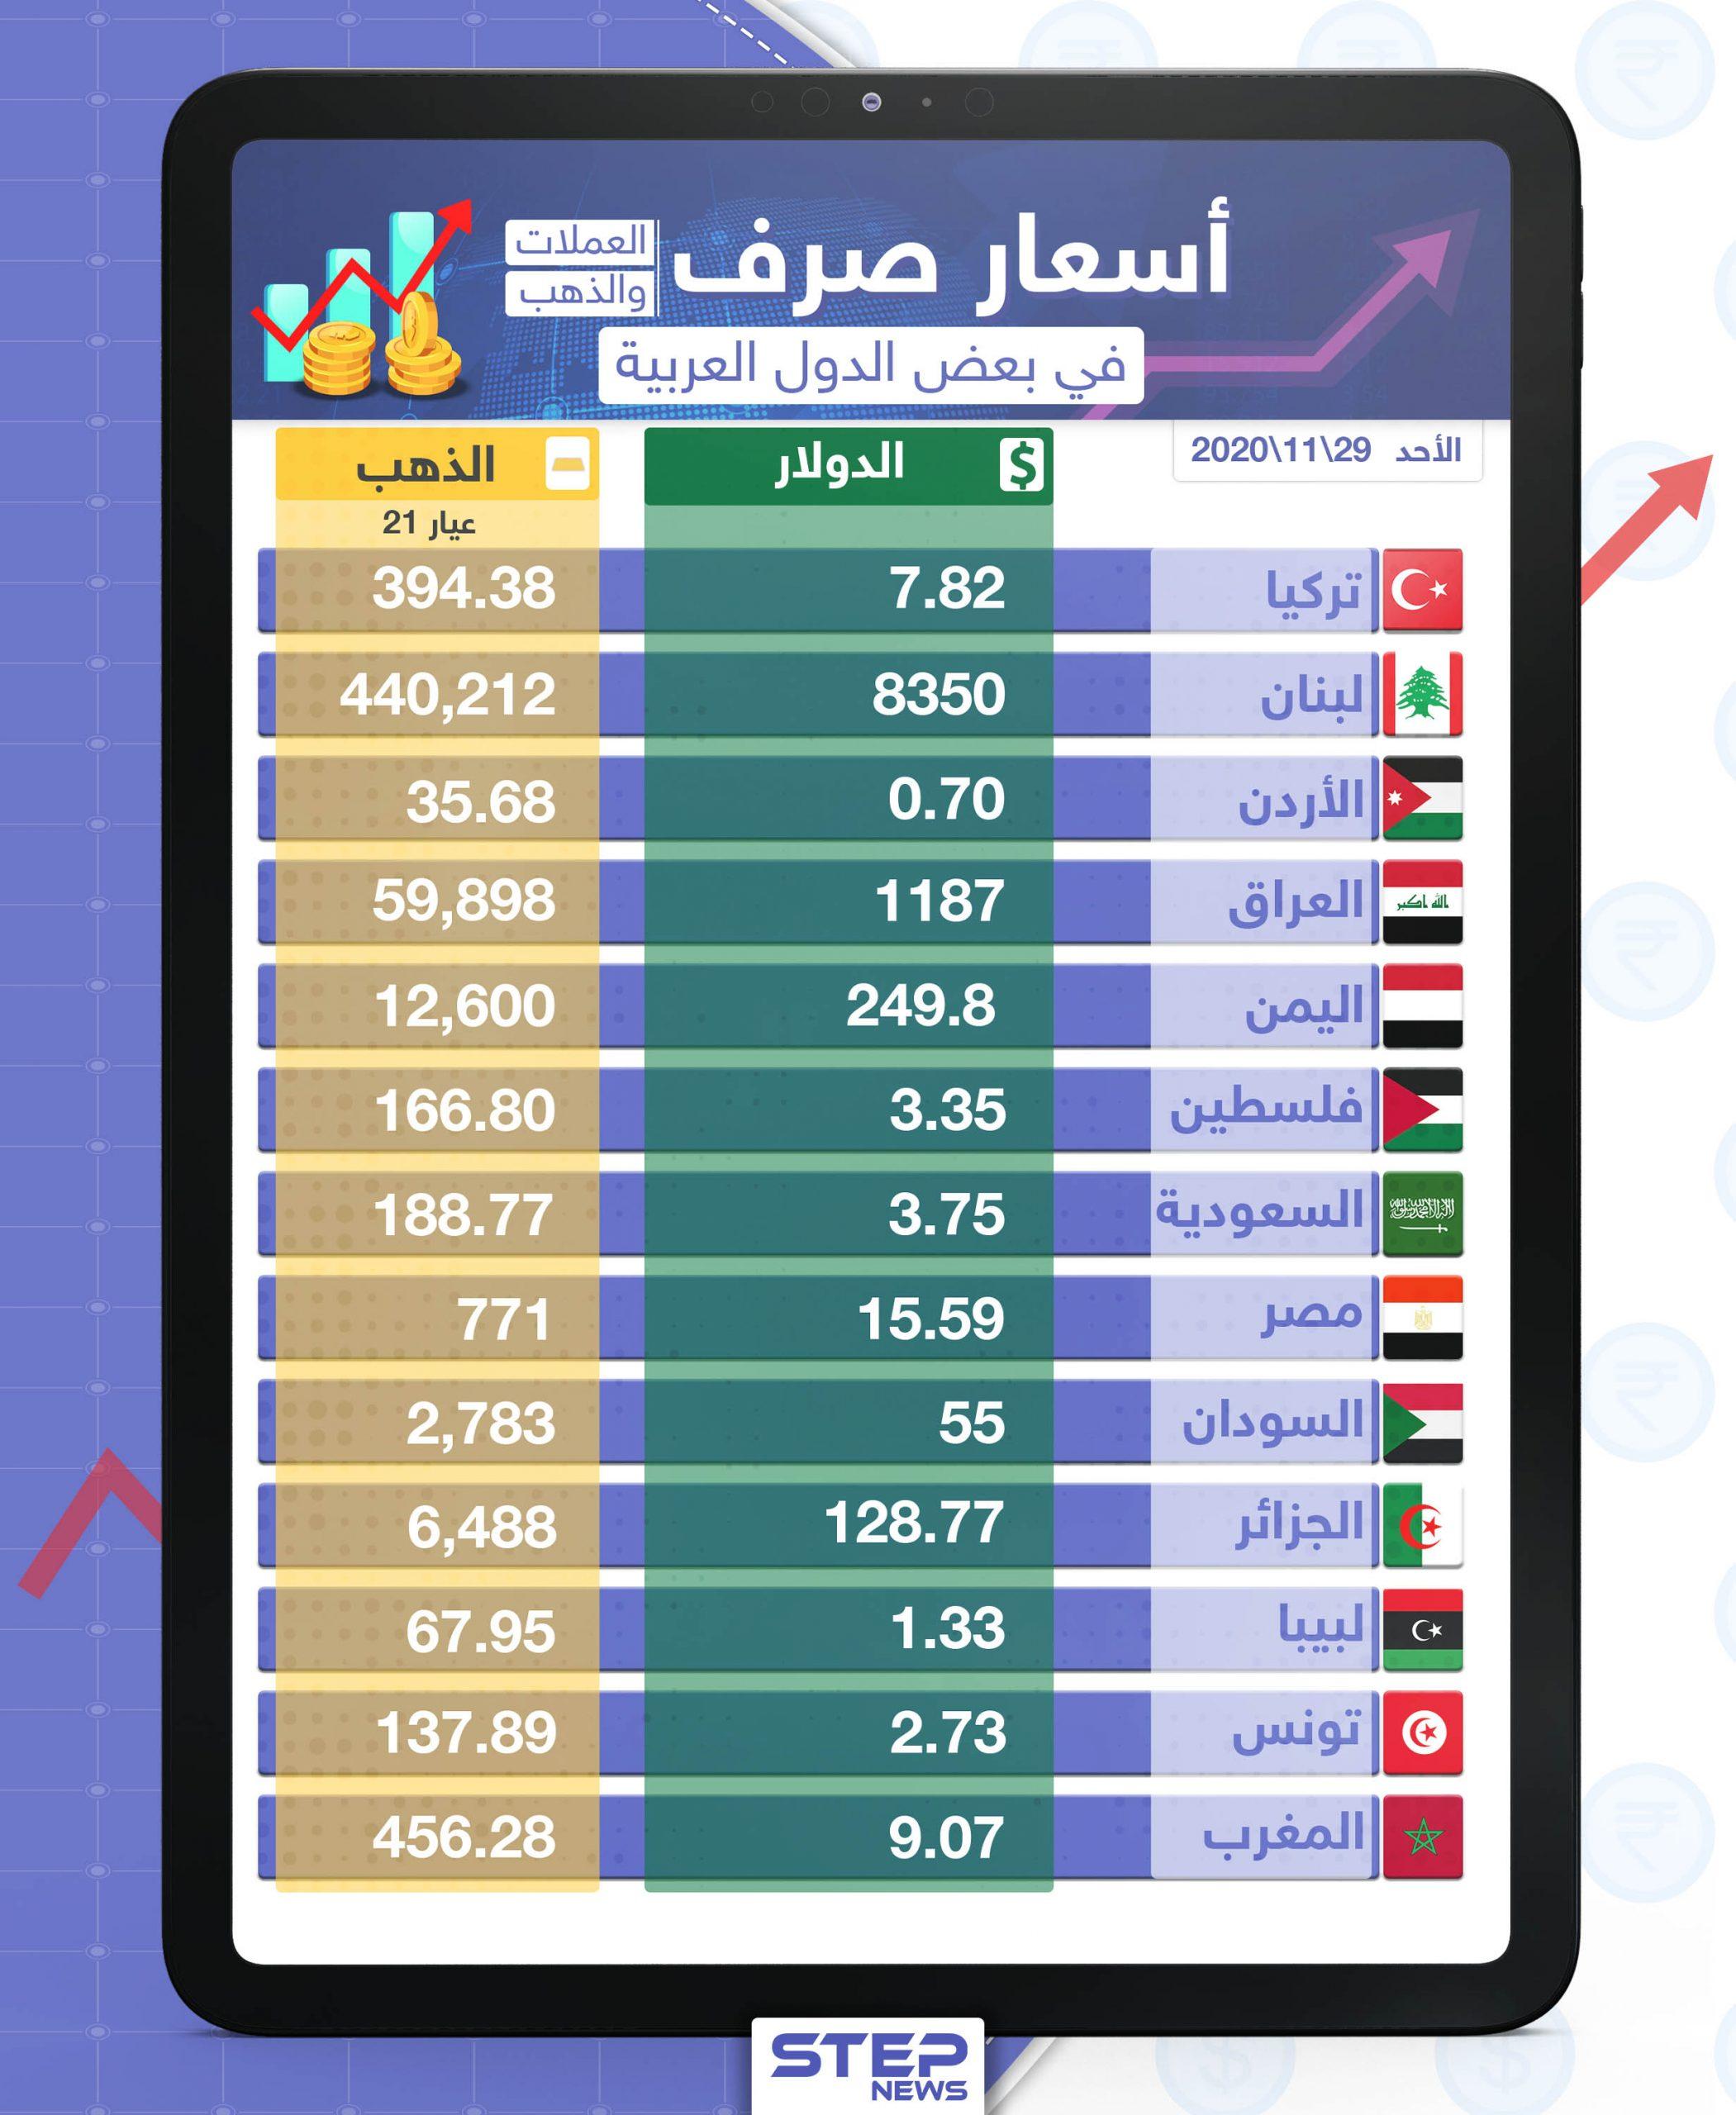 أسعار الذهب والعملات للدول العربية وتركيا اليوم الأحد الموافق 29 تشرين الثاني 2020